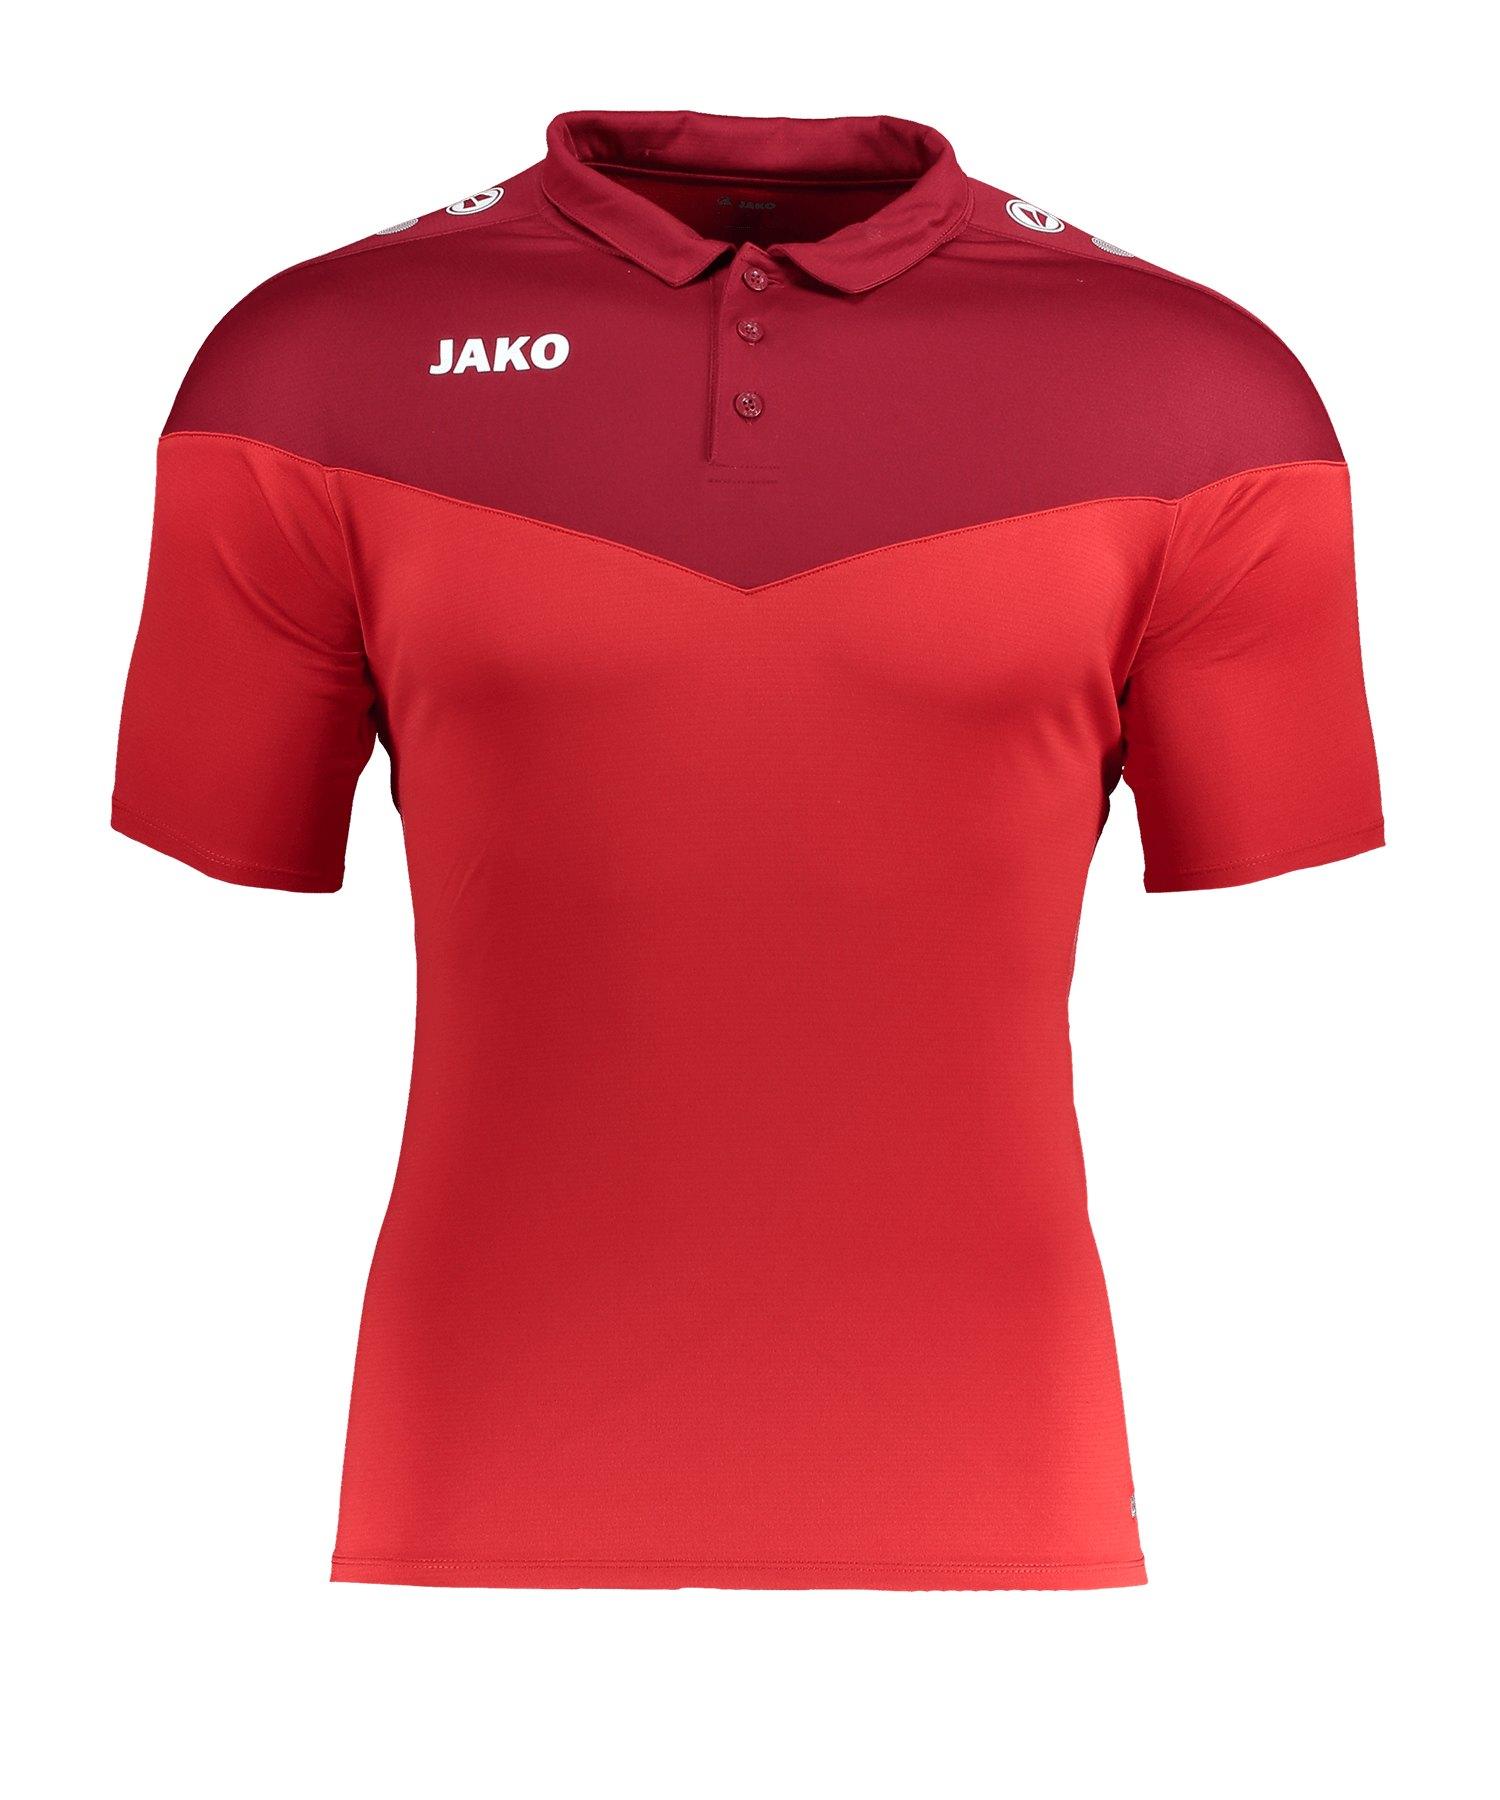 Jako Champ 2.0 Poloshirt Rot F01 - rot